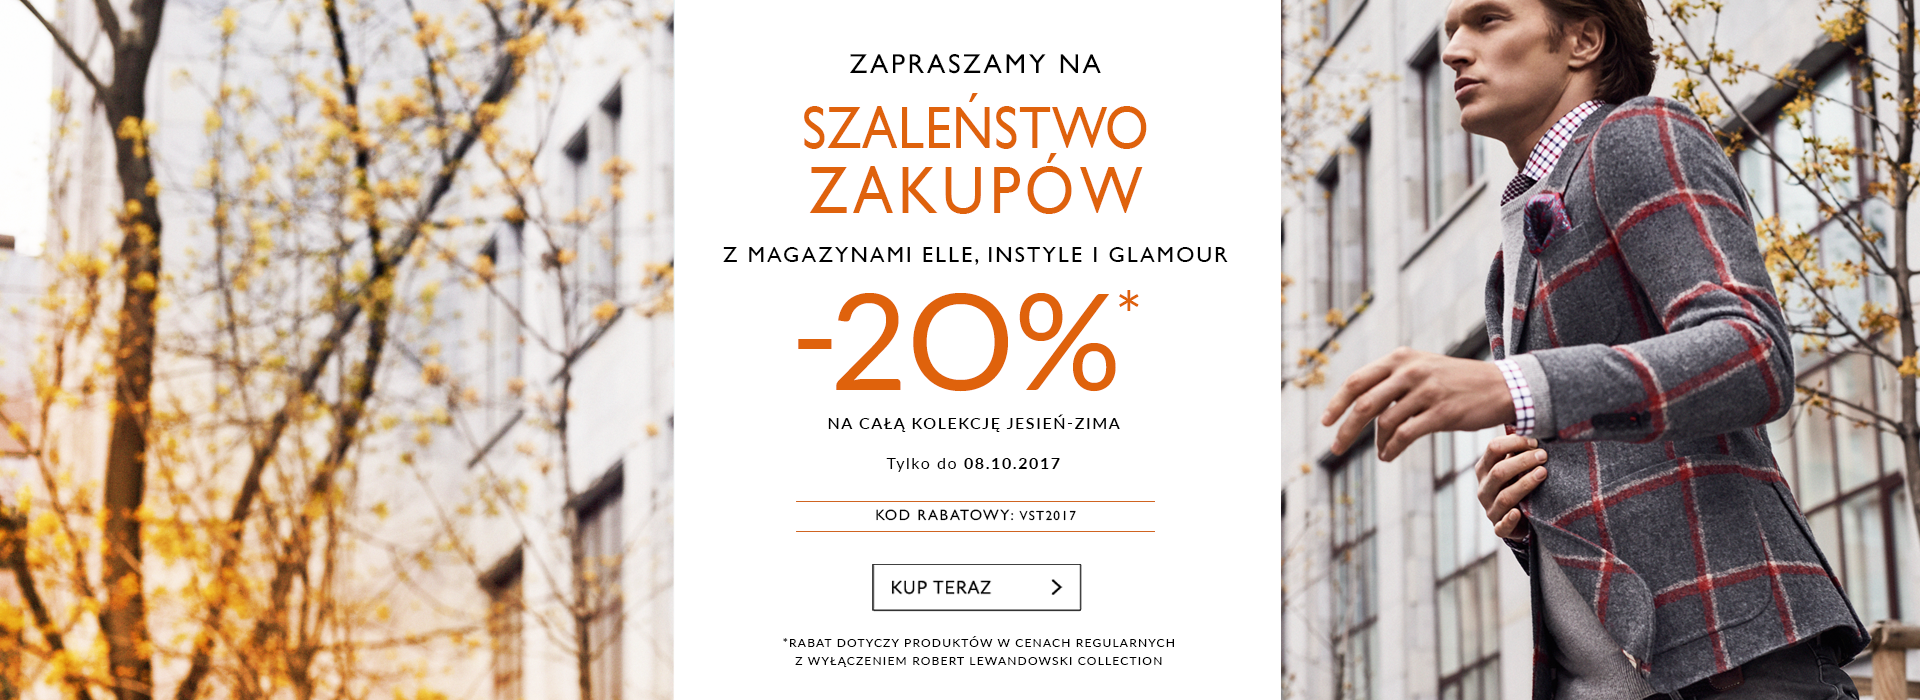 Vistula Vistula: weekend zniżek 20% rabatu na całą kolekcjęjesień-zima